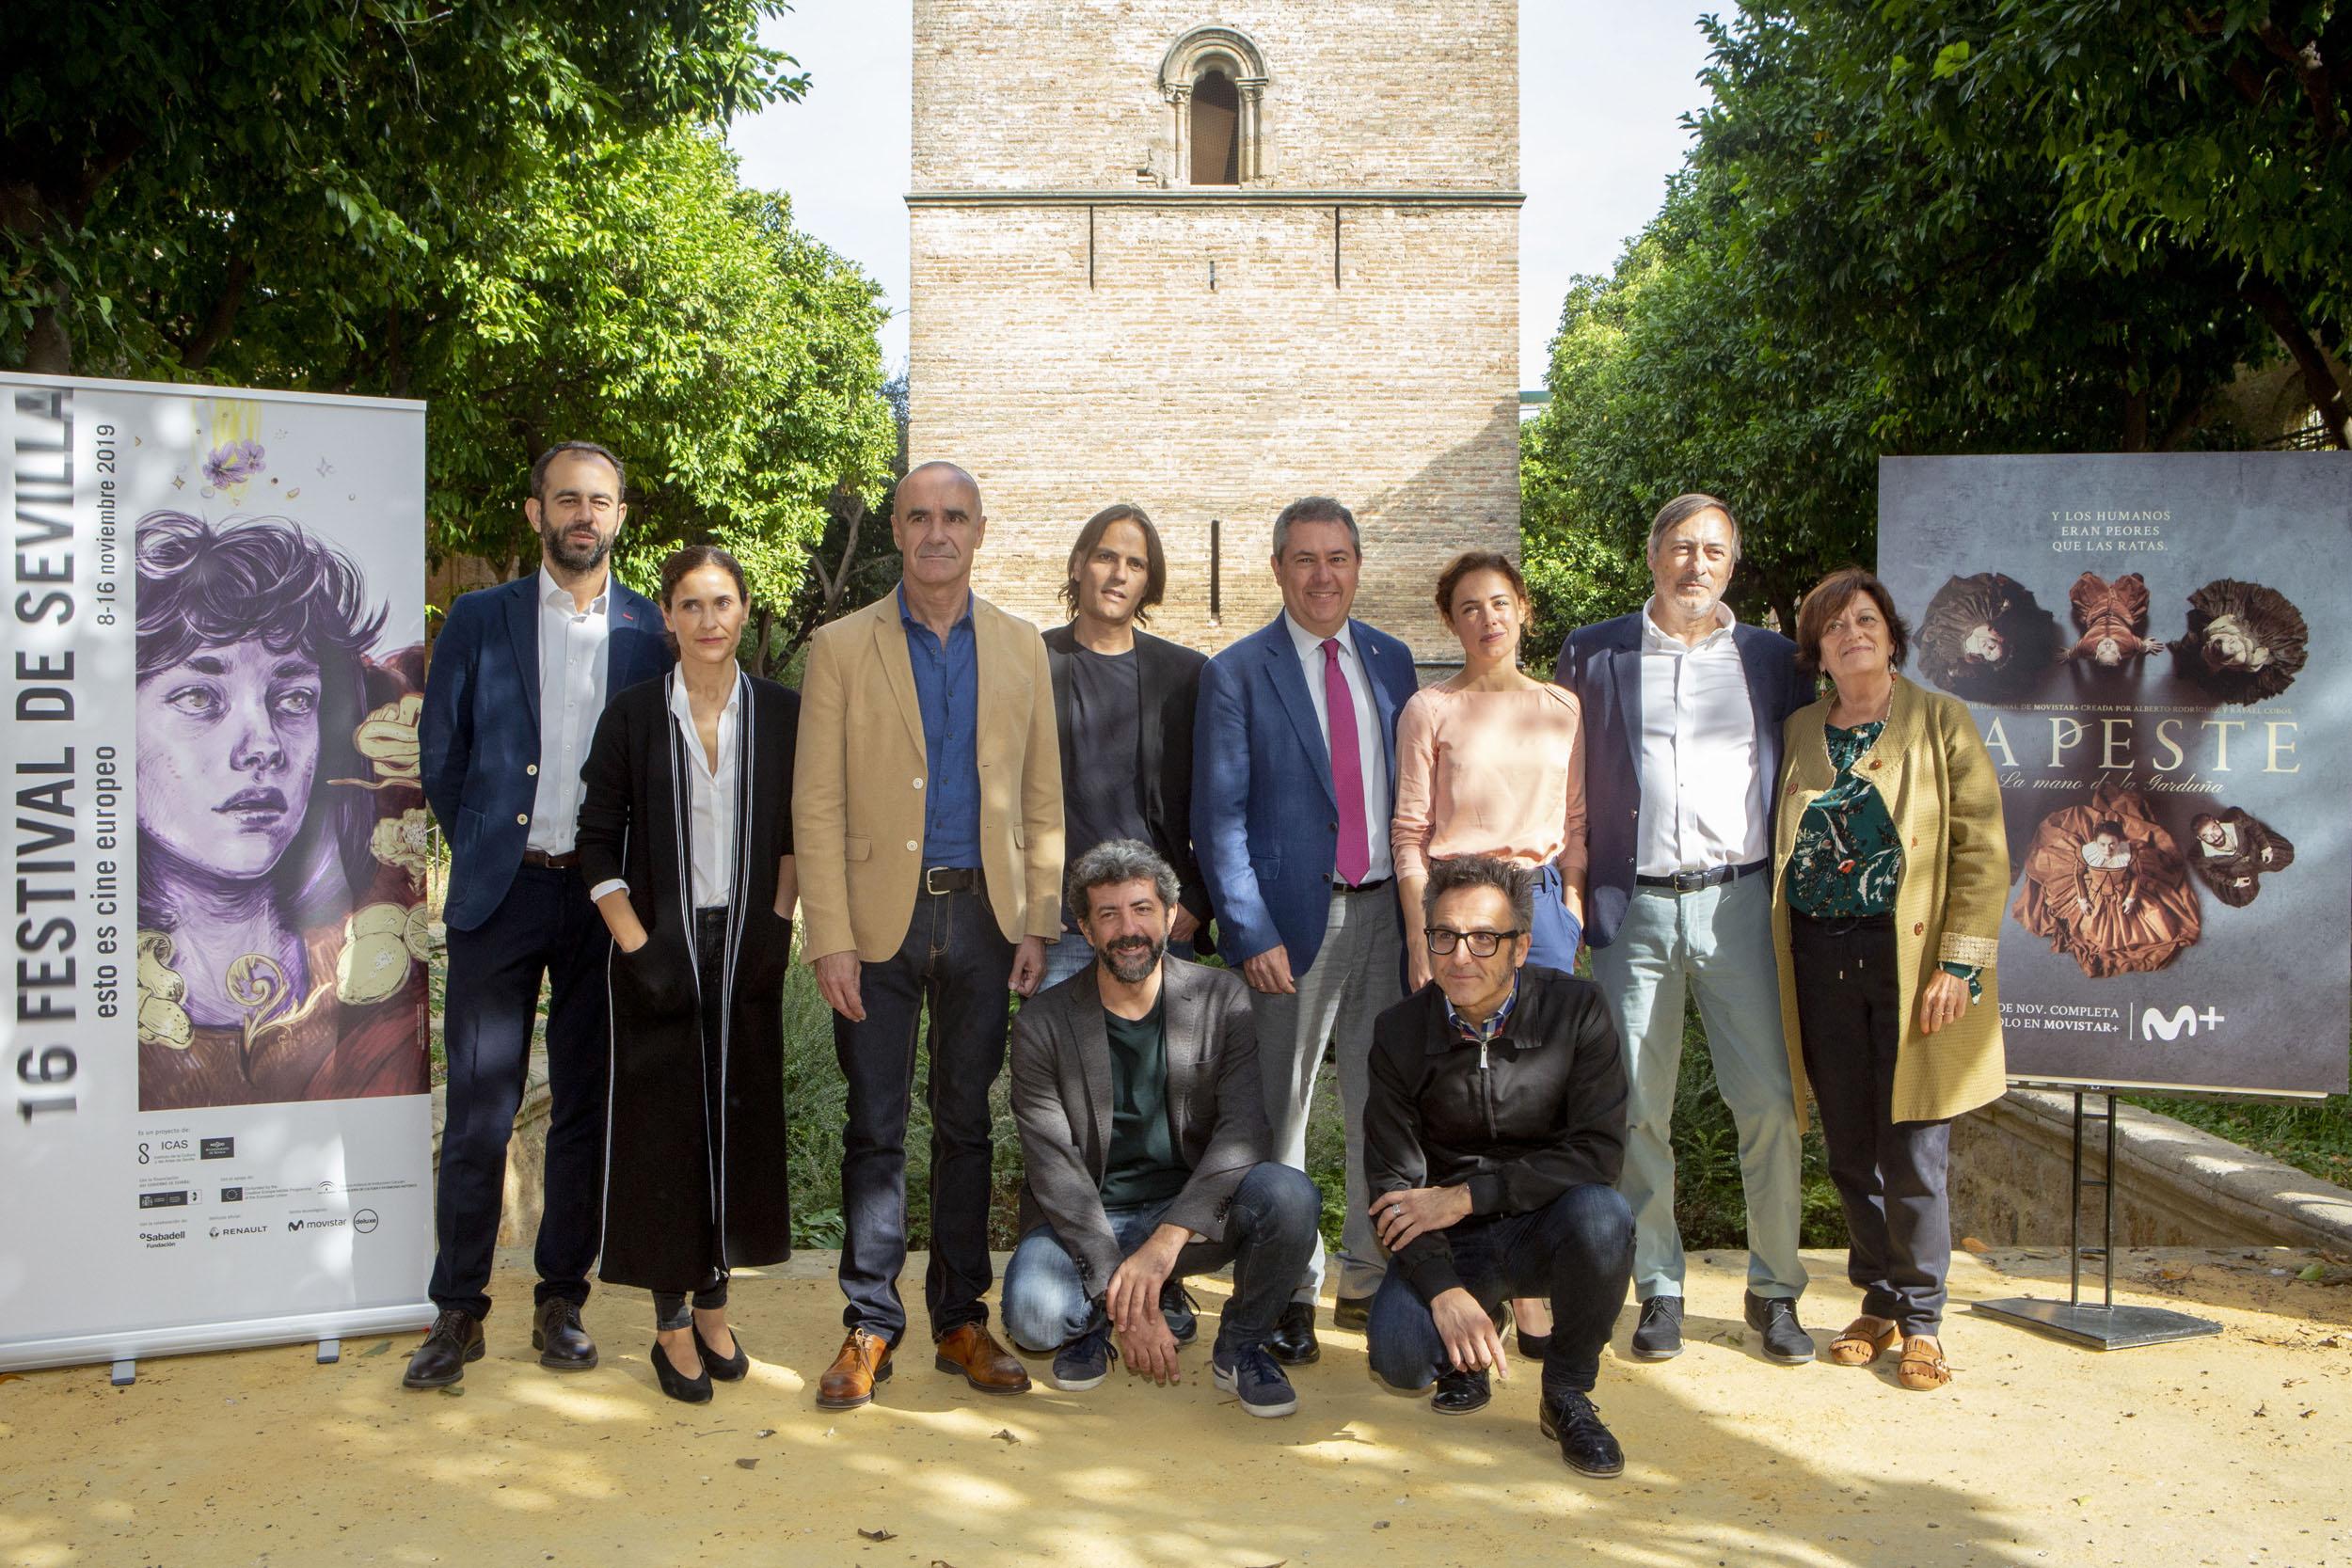 La Peste y su estreno mundial en el Festival de Cine de Sevilla